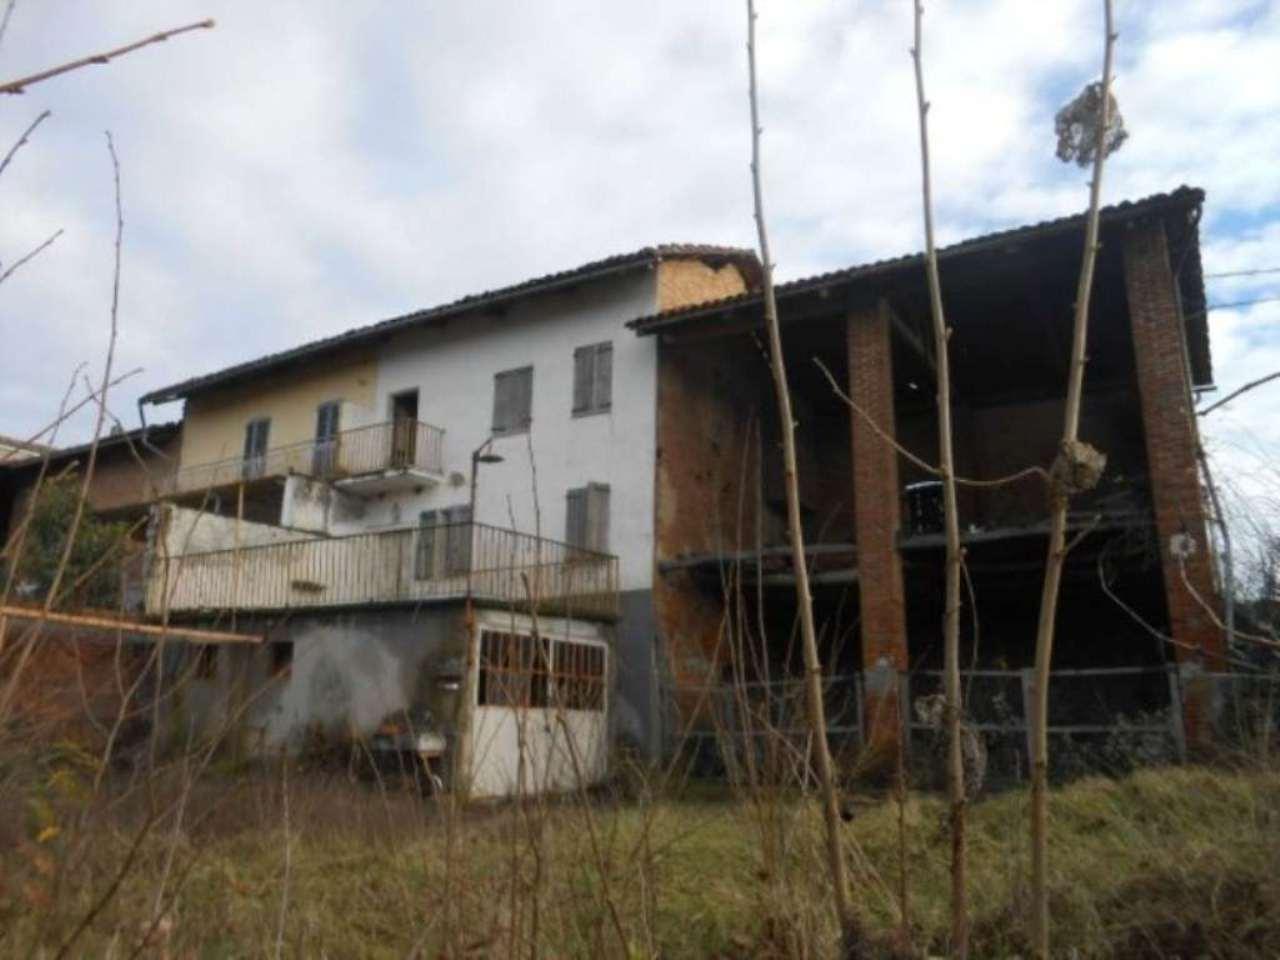 Rustico / Casale in vendita a Piovà Massaia, 6 locali, prezzo € 99.000 | Cambio Casa.it